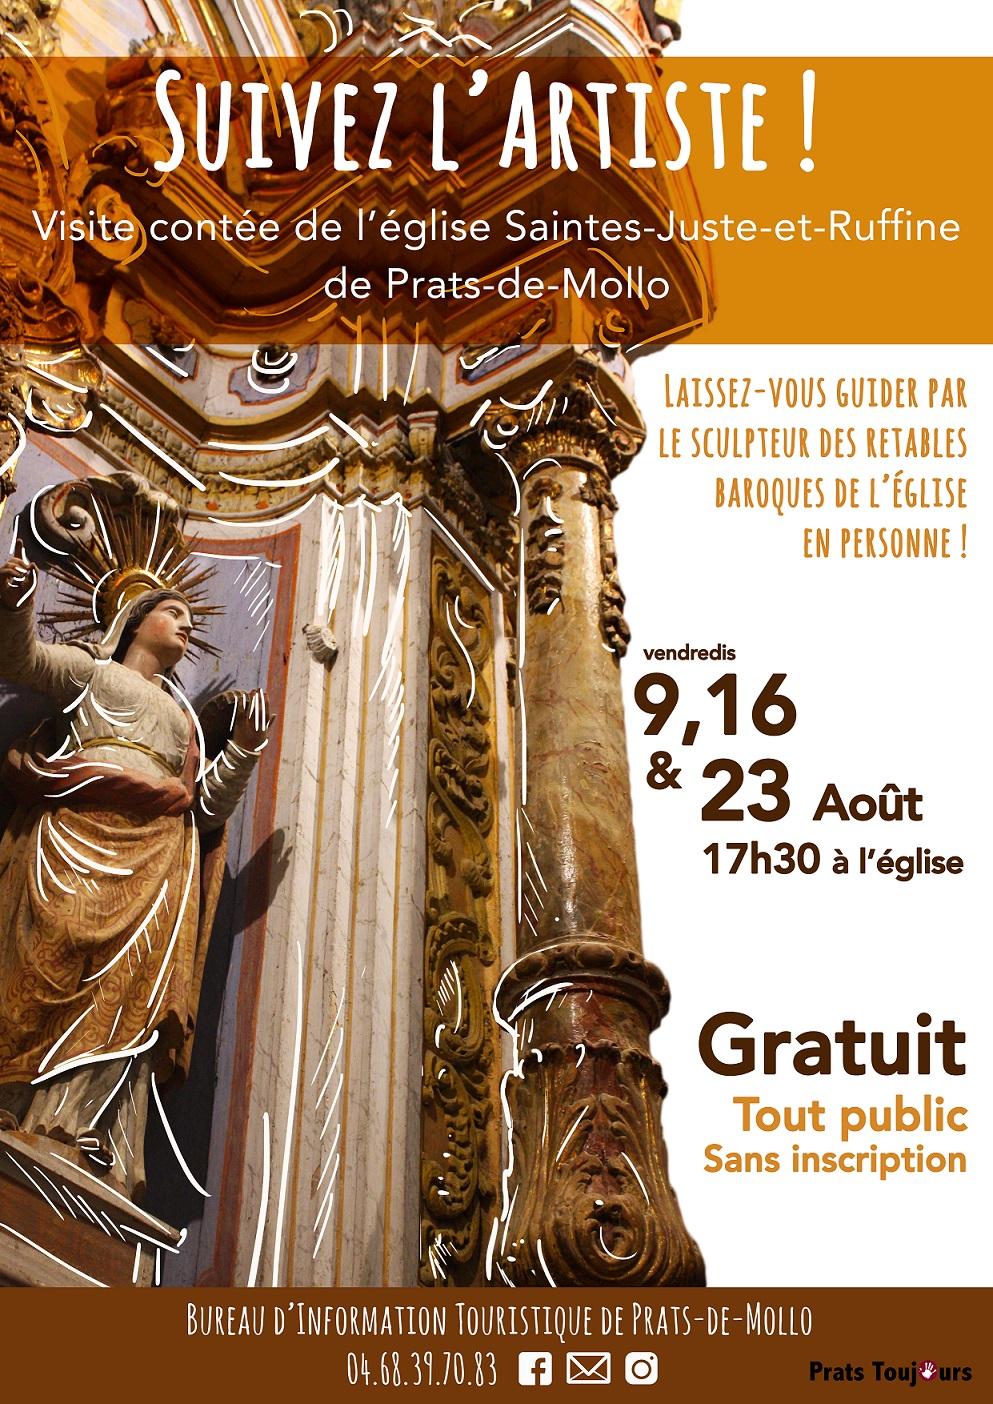 Visite contée de l'église «Suivez l'artiste !»